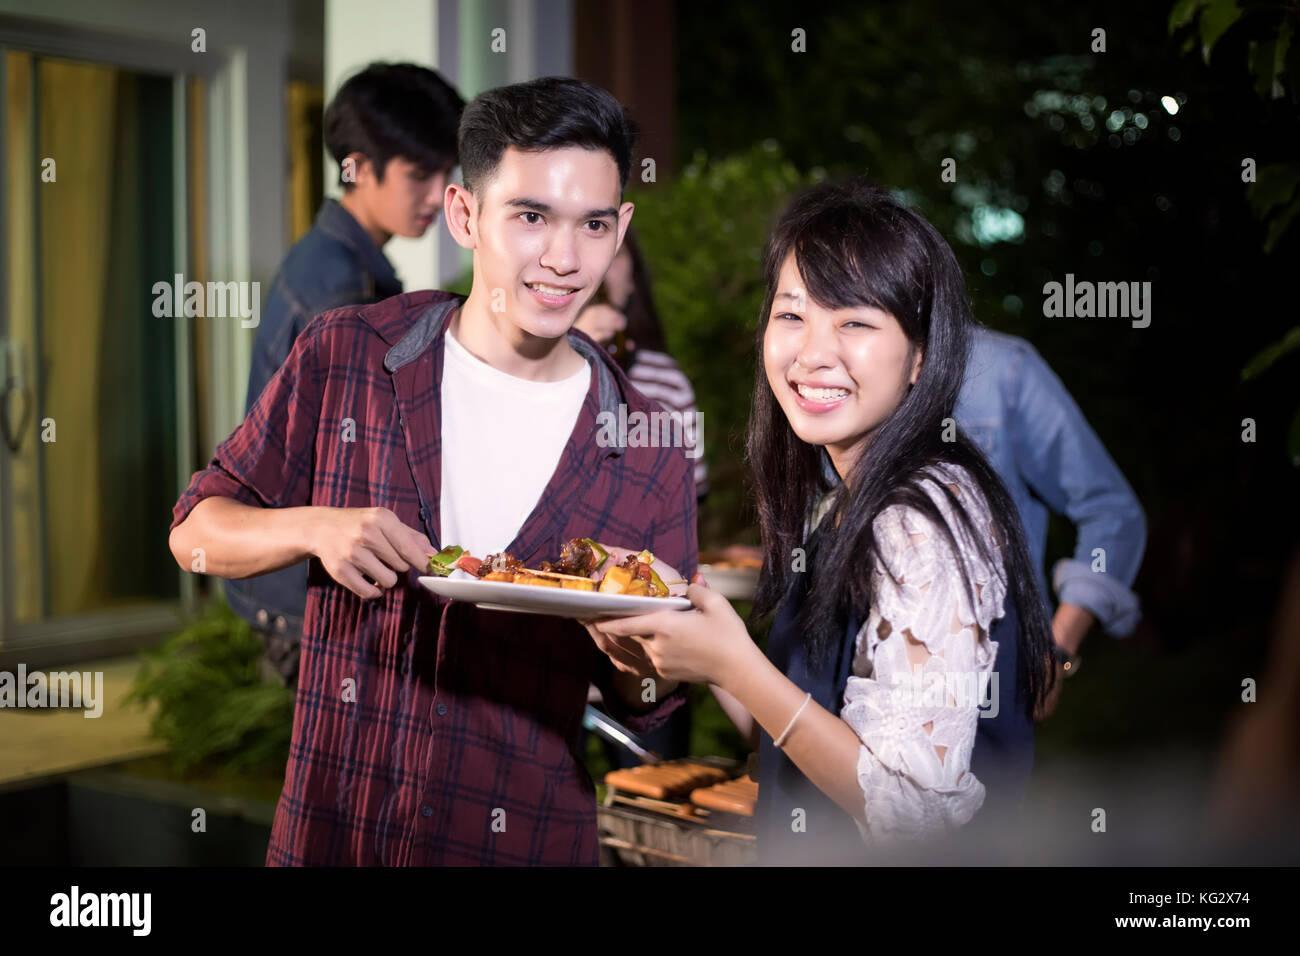 Asiatisches junges Paar beim romantischen Dinner und eine Gruppe von Freunden in Außenbereich Garten Grill Stockbild